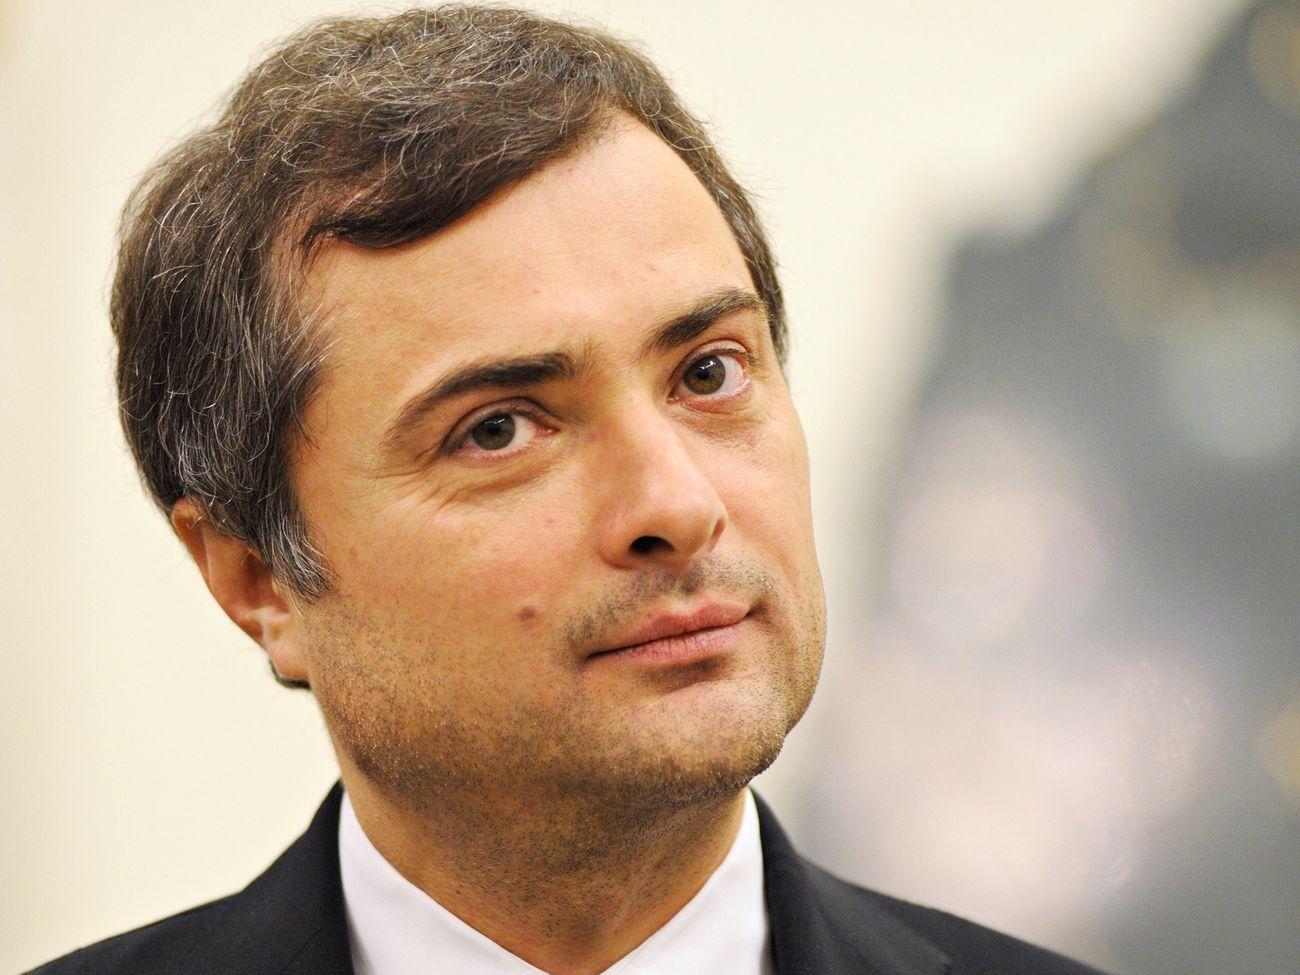 Владислав Сурков поздравил Главу ДНР с наступающим Новым годом и Рождеством